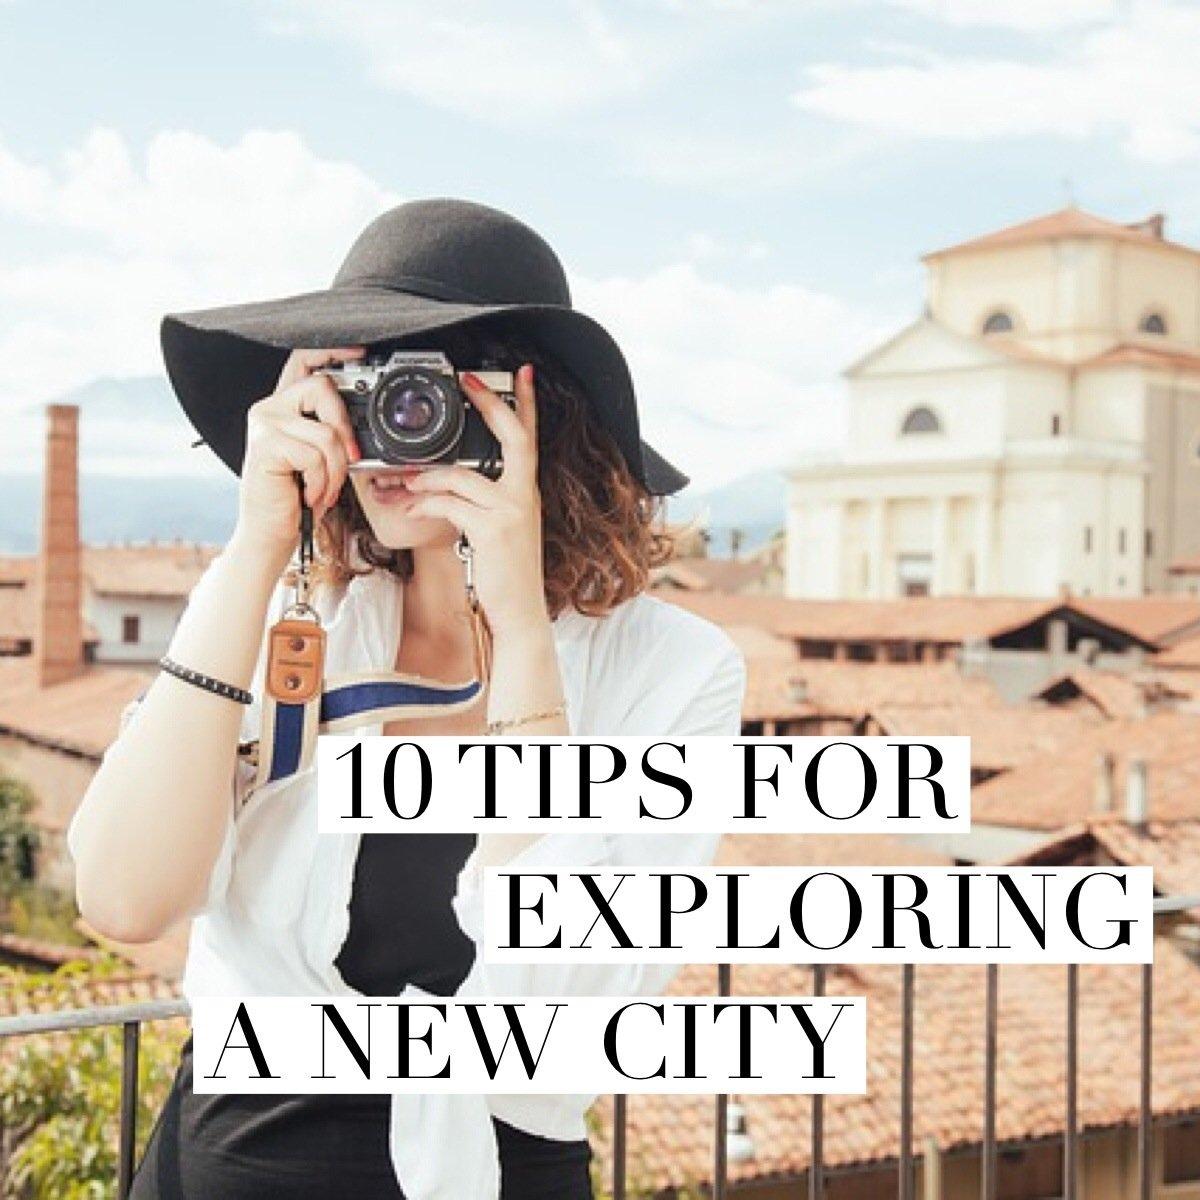 10 Tips for Exploring a New City // www.skedgo.com/blog